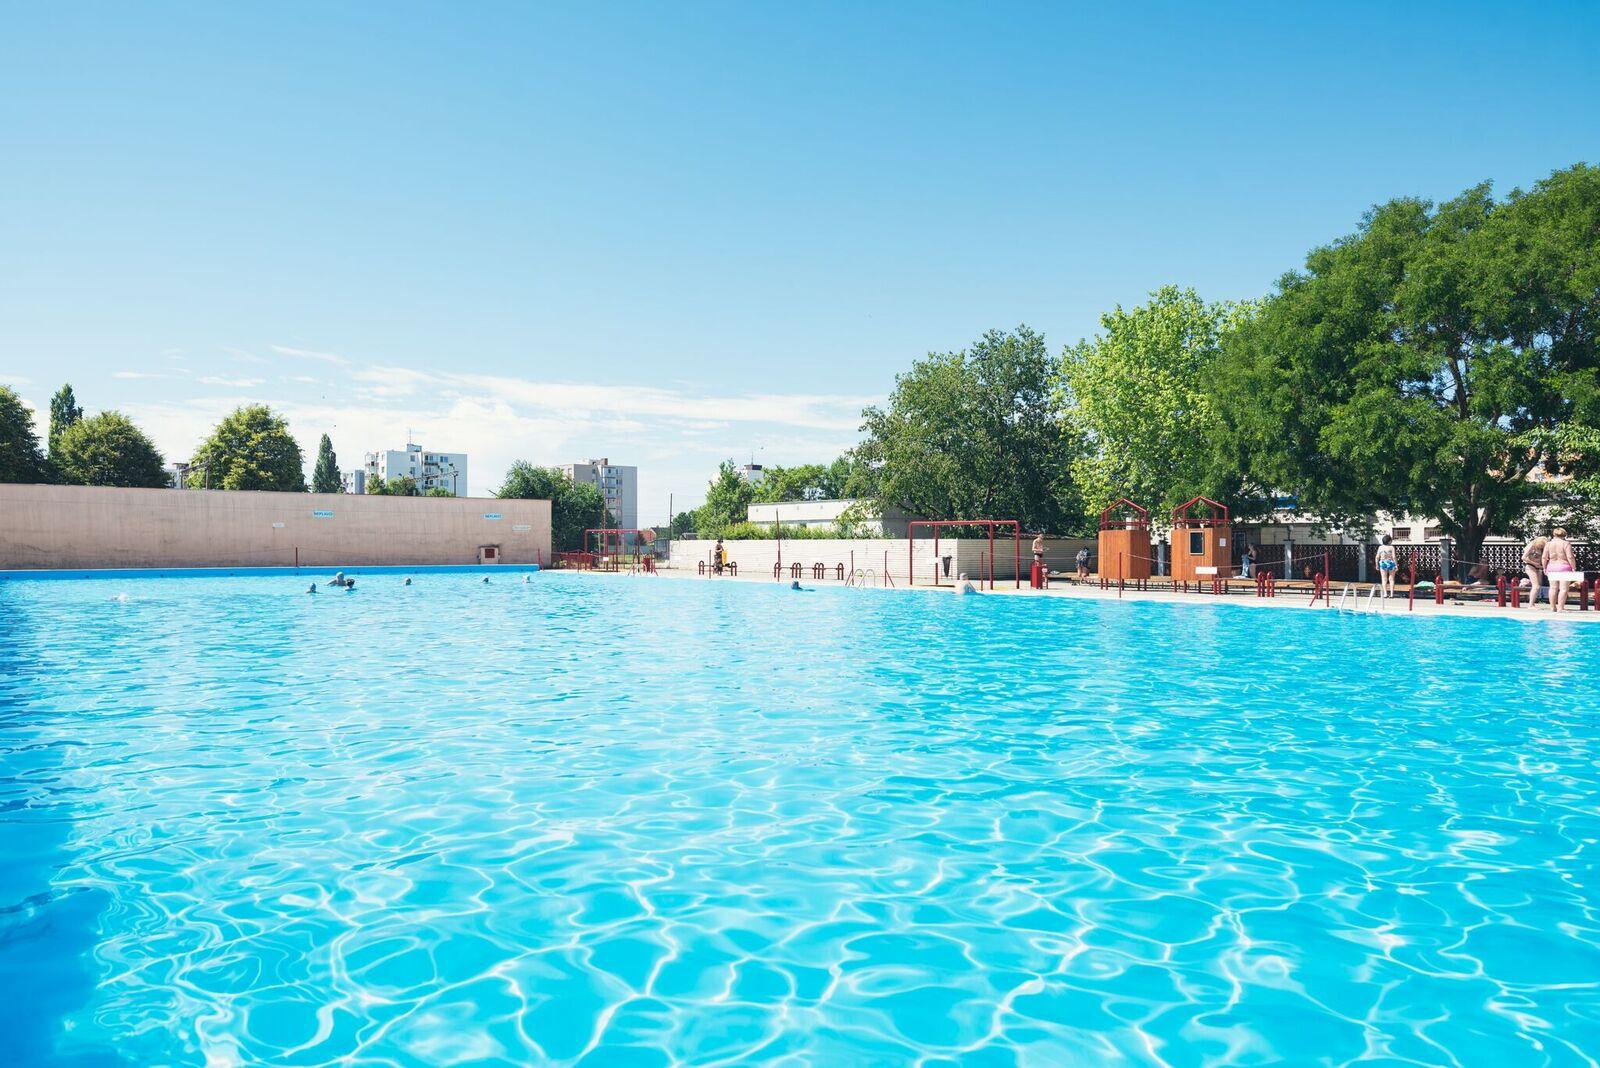 bd8599d6c Ak nemáte na záhrade bazén, nezúfajte. Pozrite sa, kam sa môžete ...